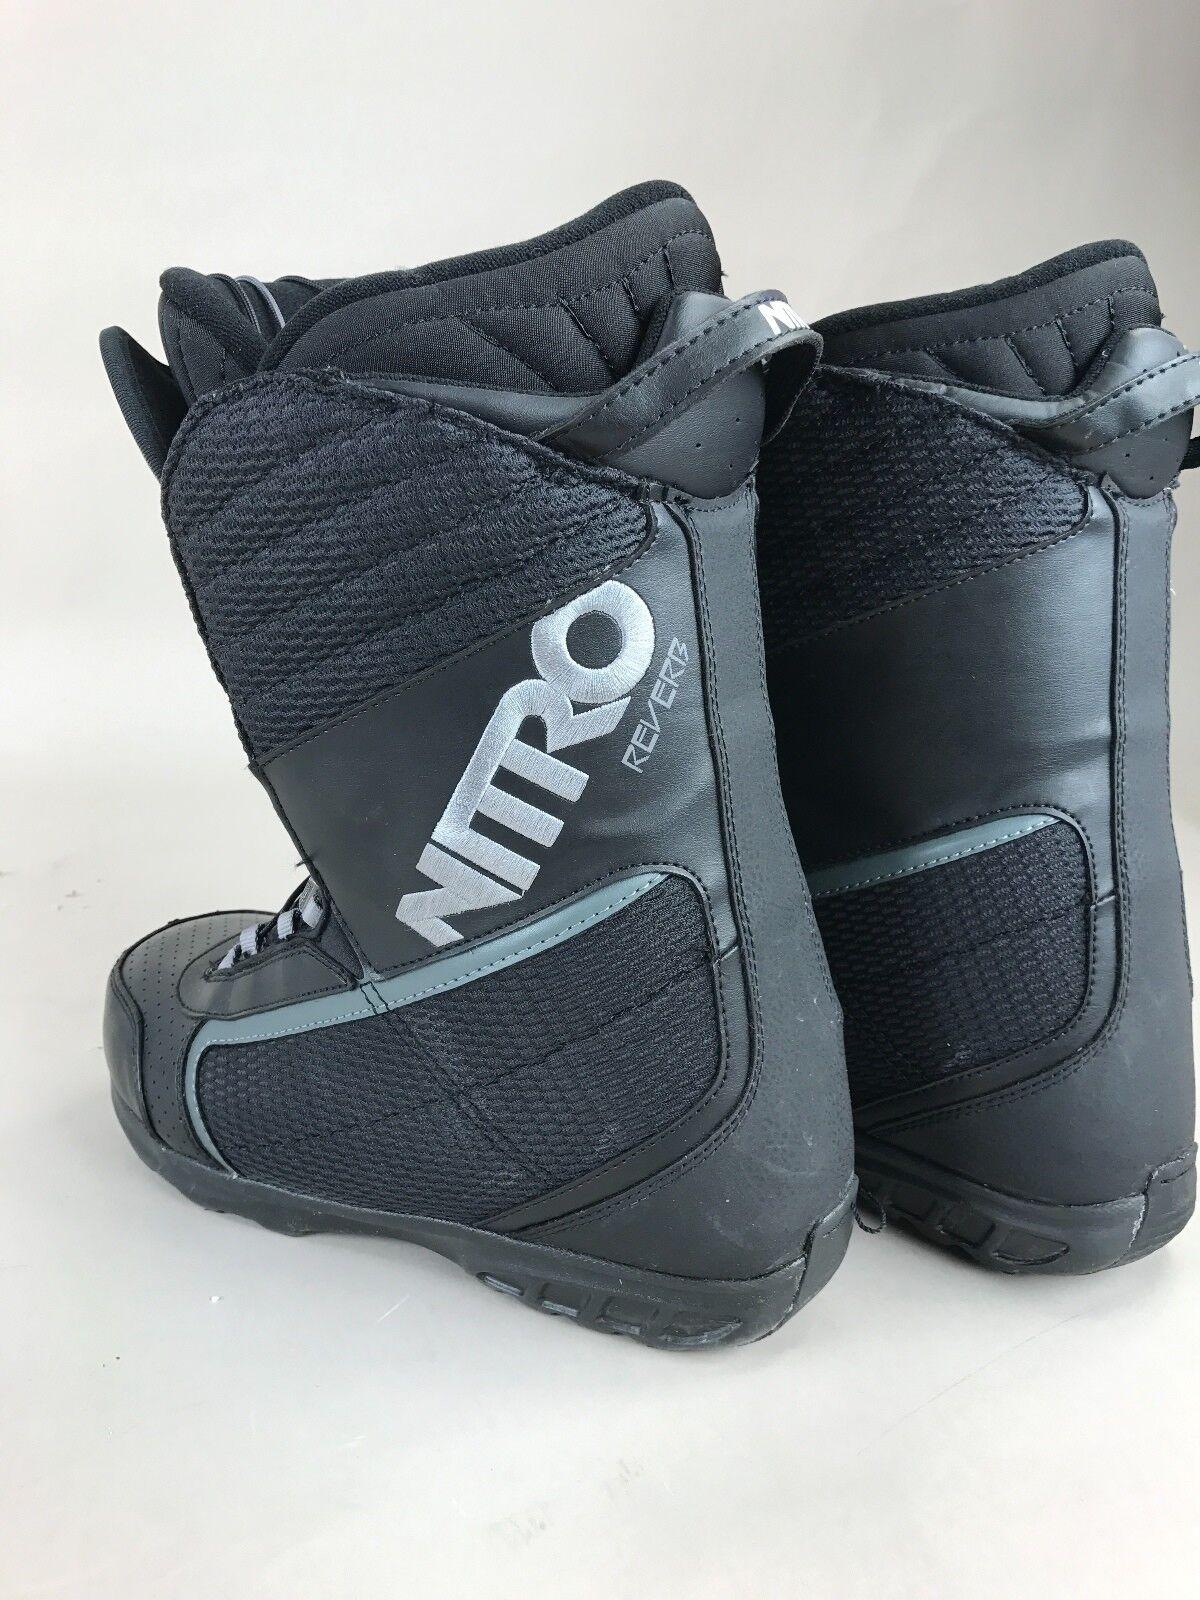 Nitro SnowboardStiefel Herren REVER BTLS Gr. 41 1 3